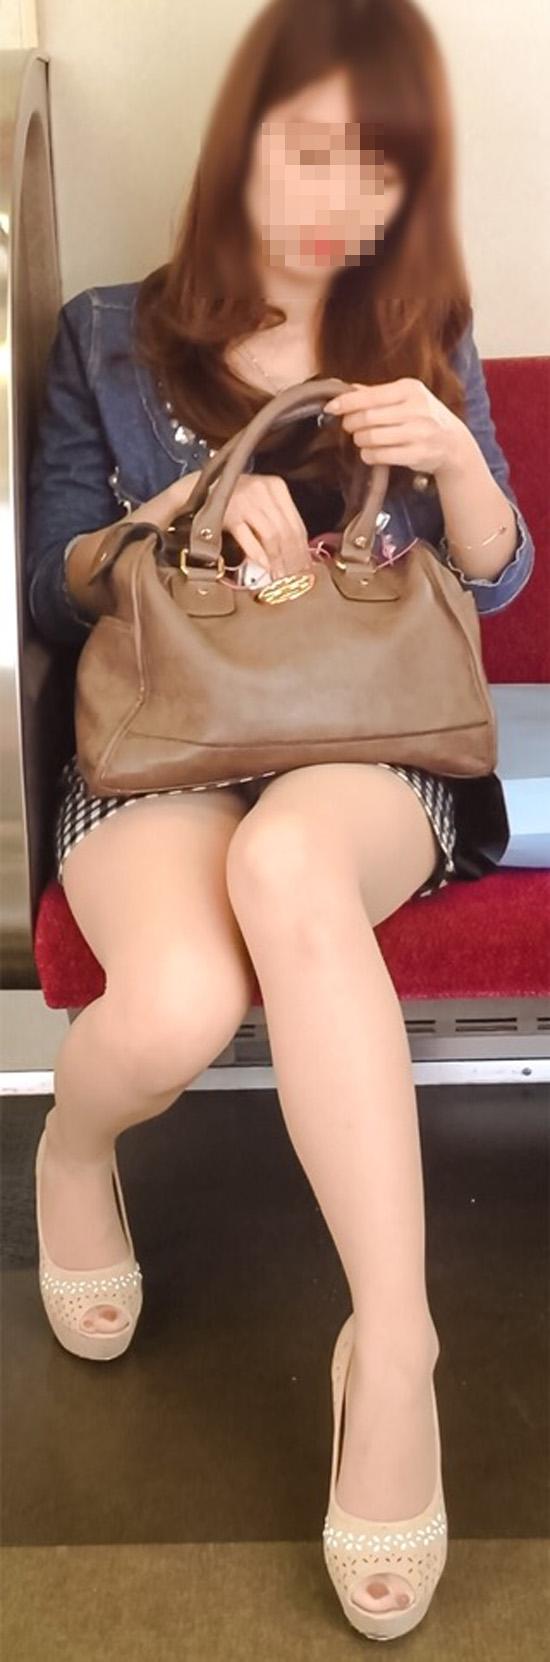 【美脚エロ画像】組むと余計にムッチリ際立つwパンツ度外視で電車内の太ももwww 01